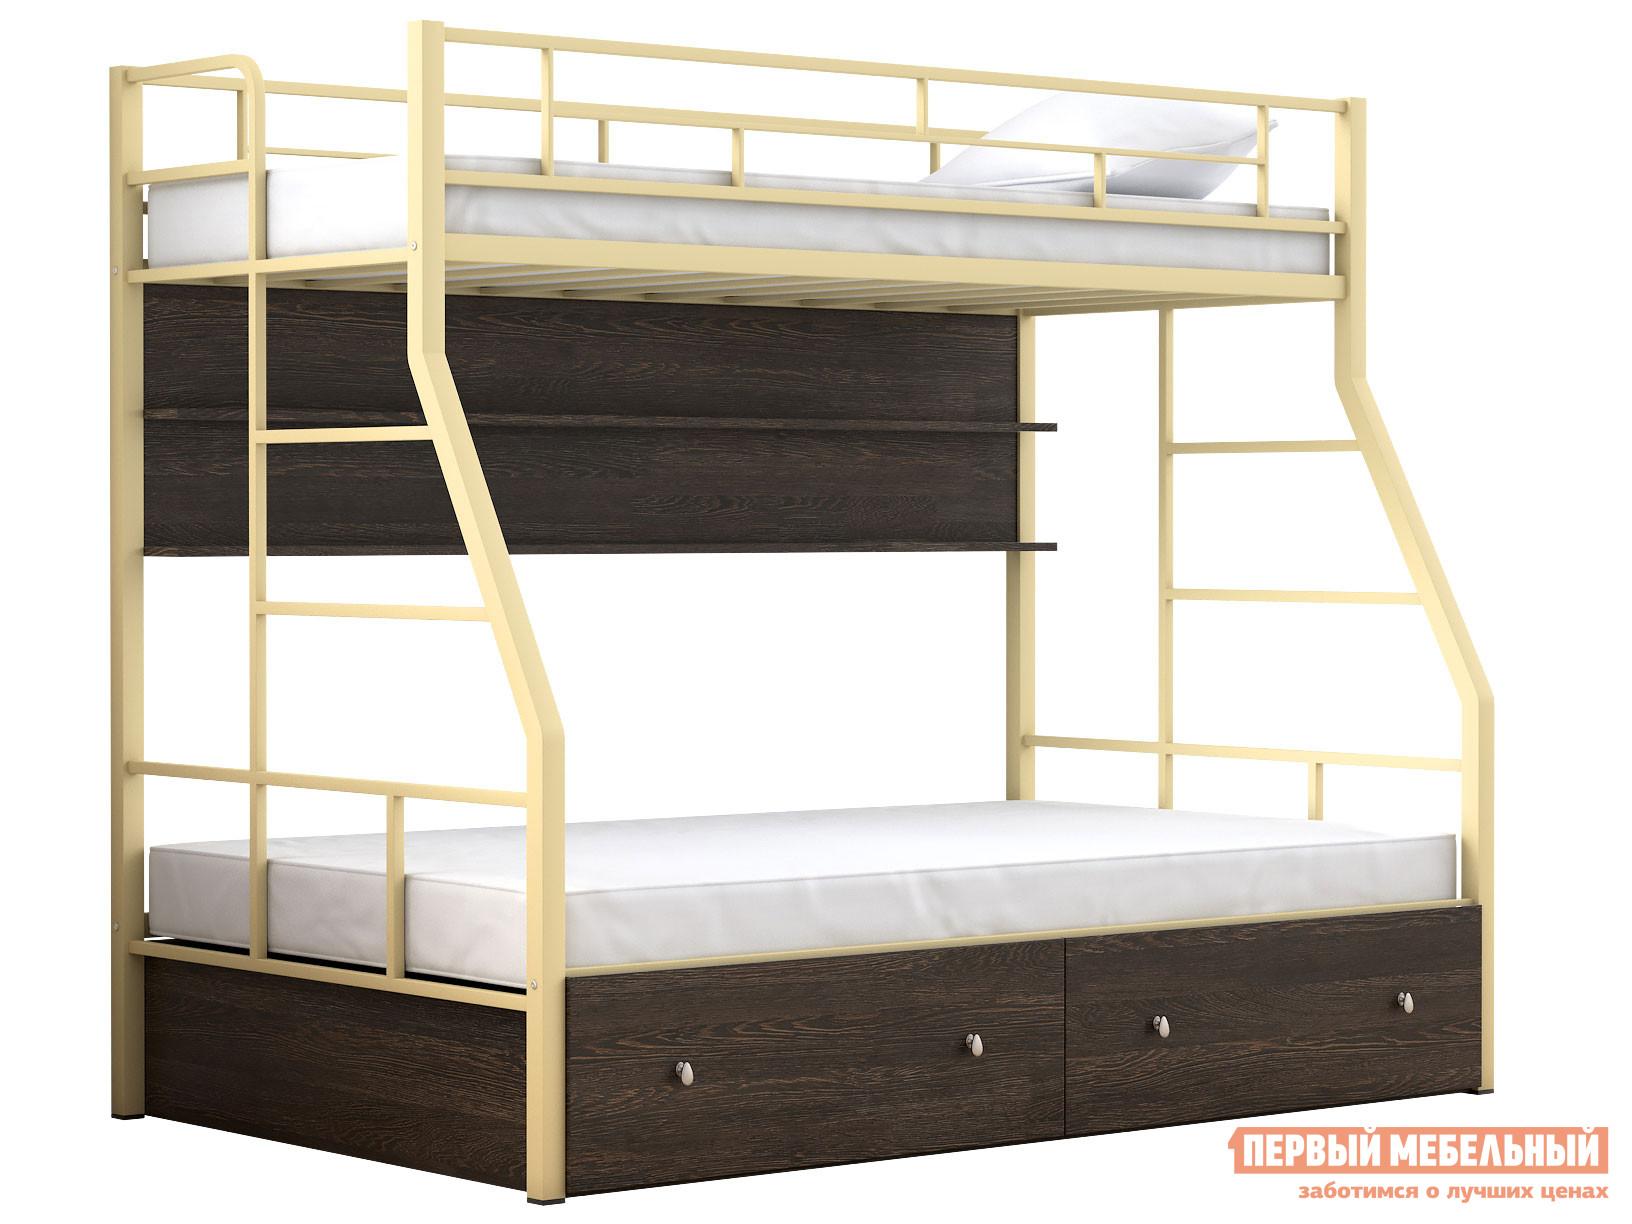 Двухъярусная кровать МФ 4 Сезона Двухъярусная детская кровать Раута Твист с полкой и ящиками